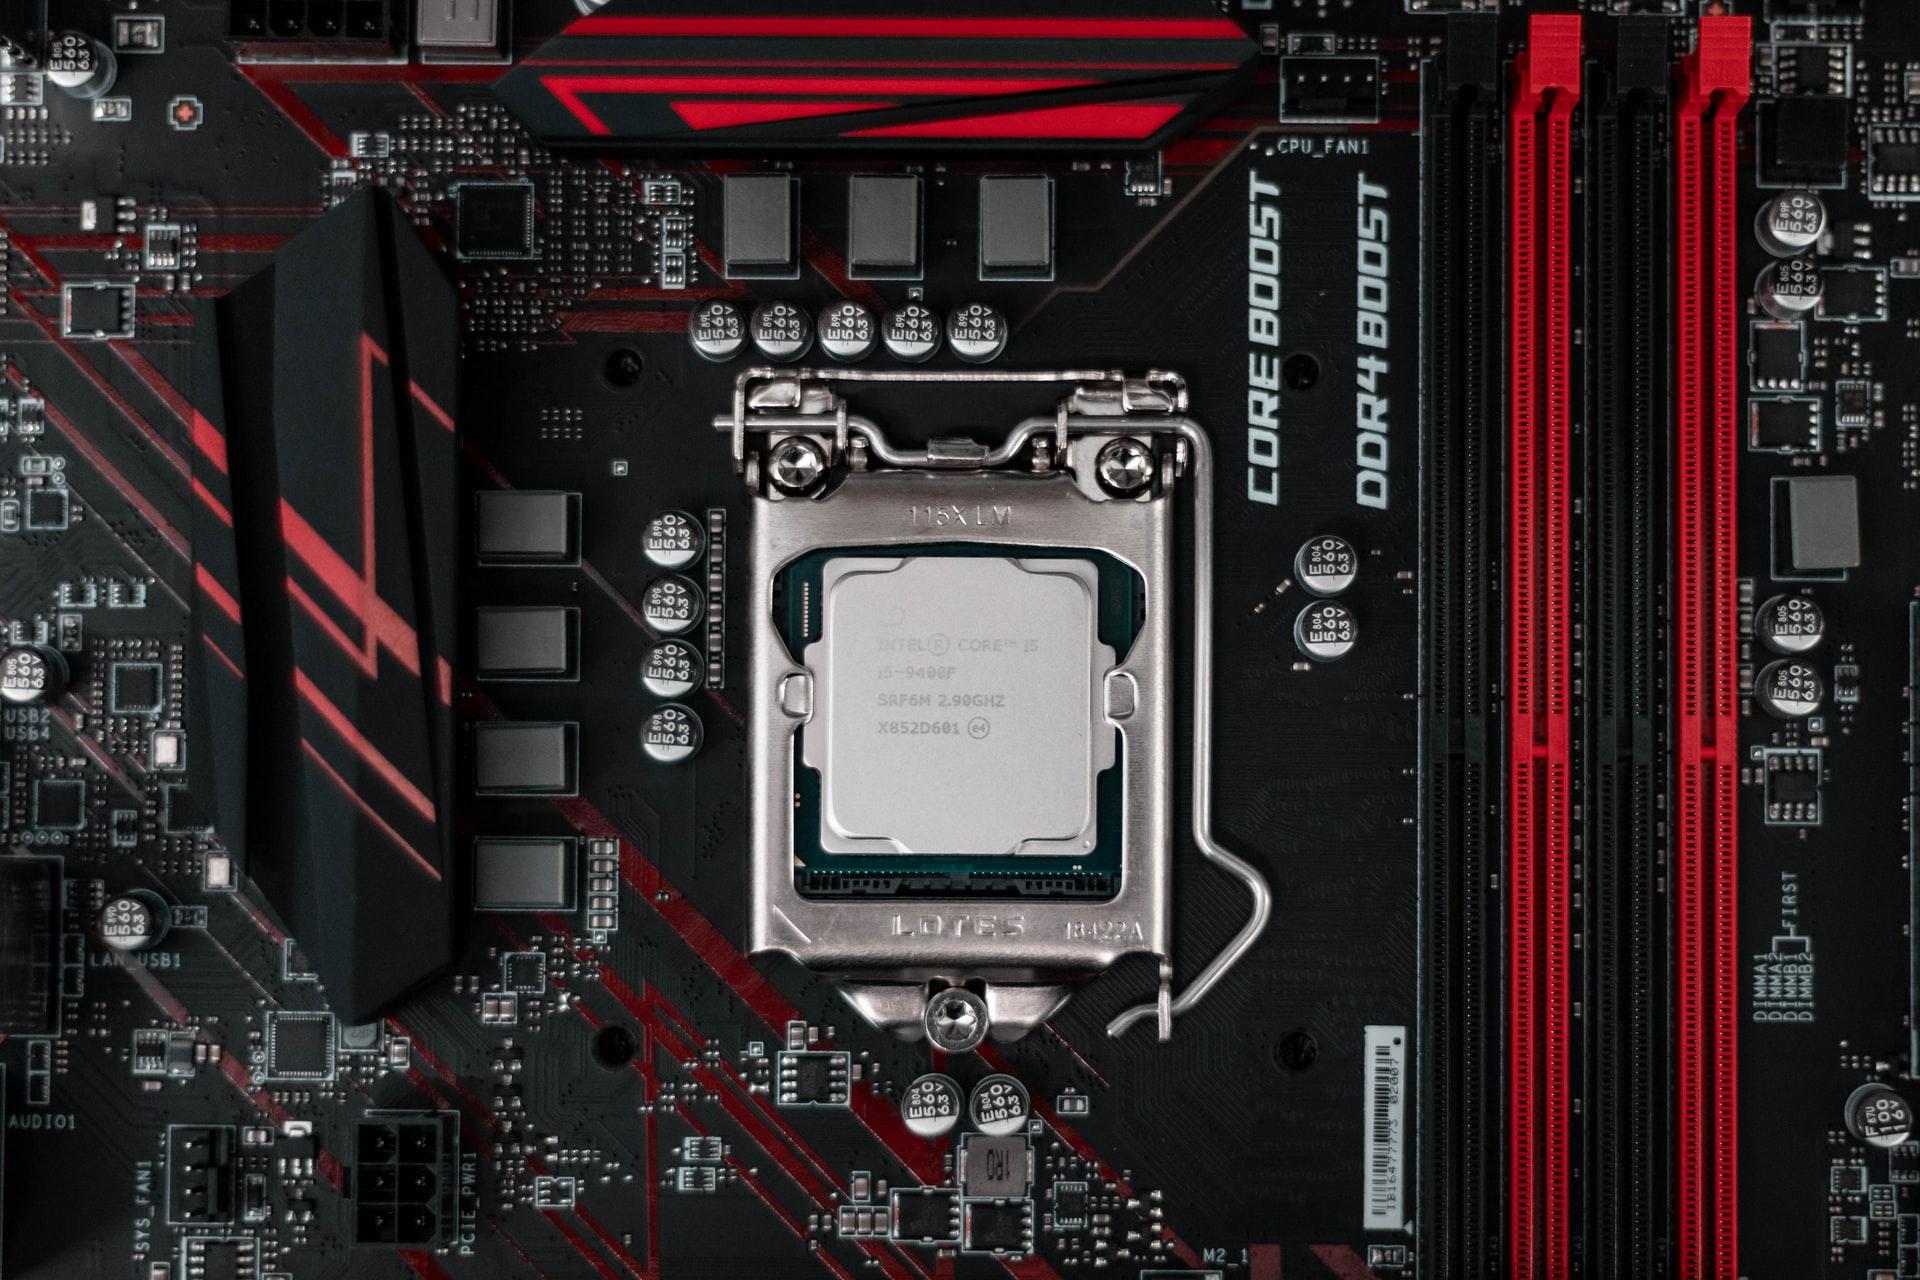 Intel Core i5-9400F CPU